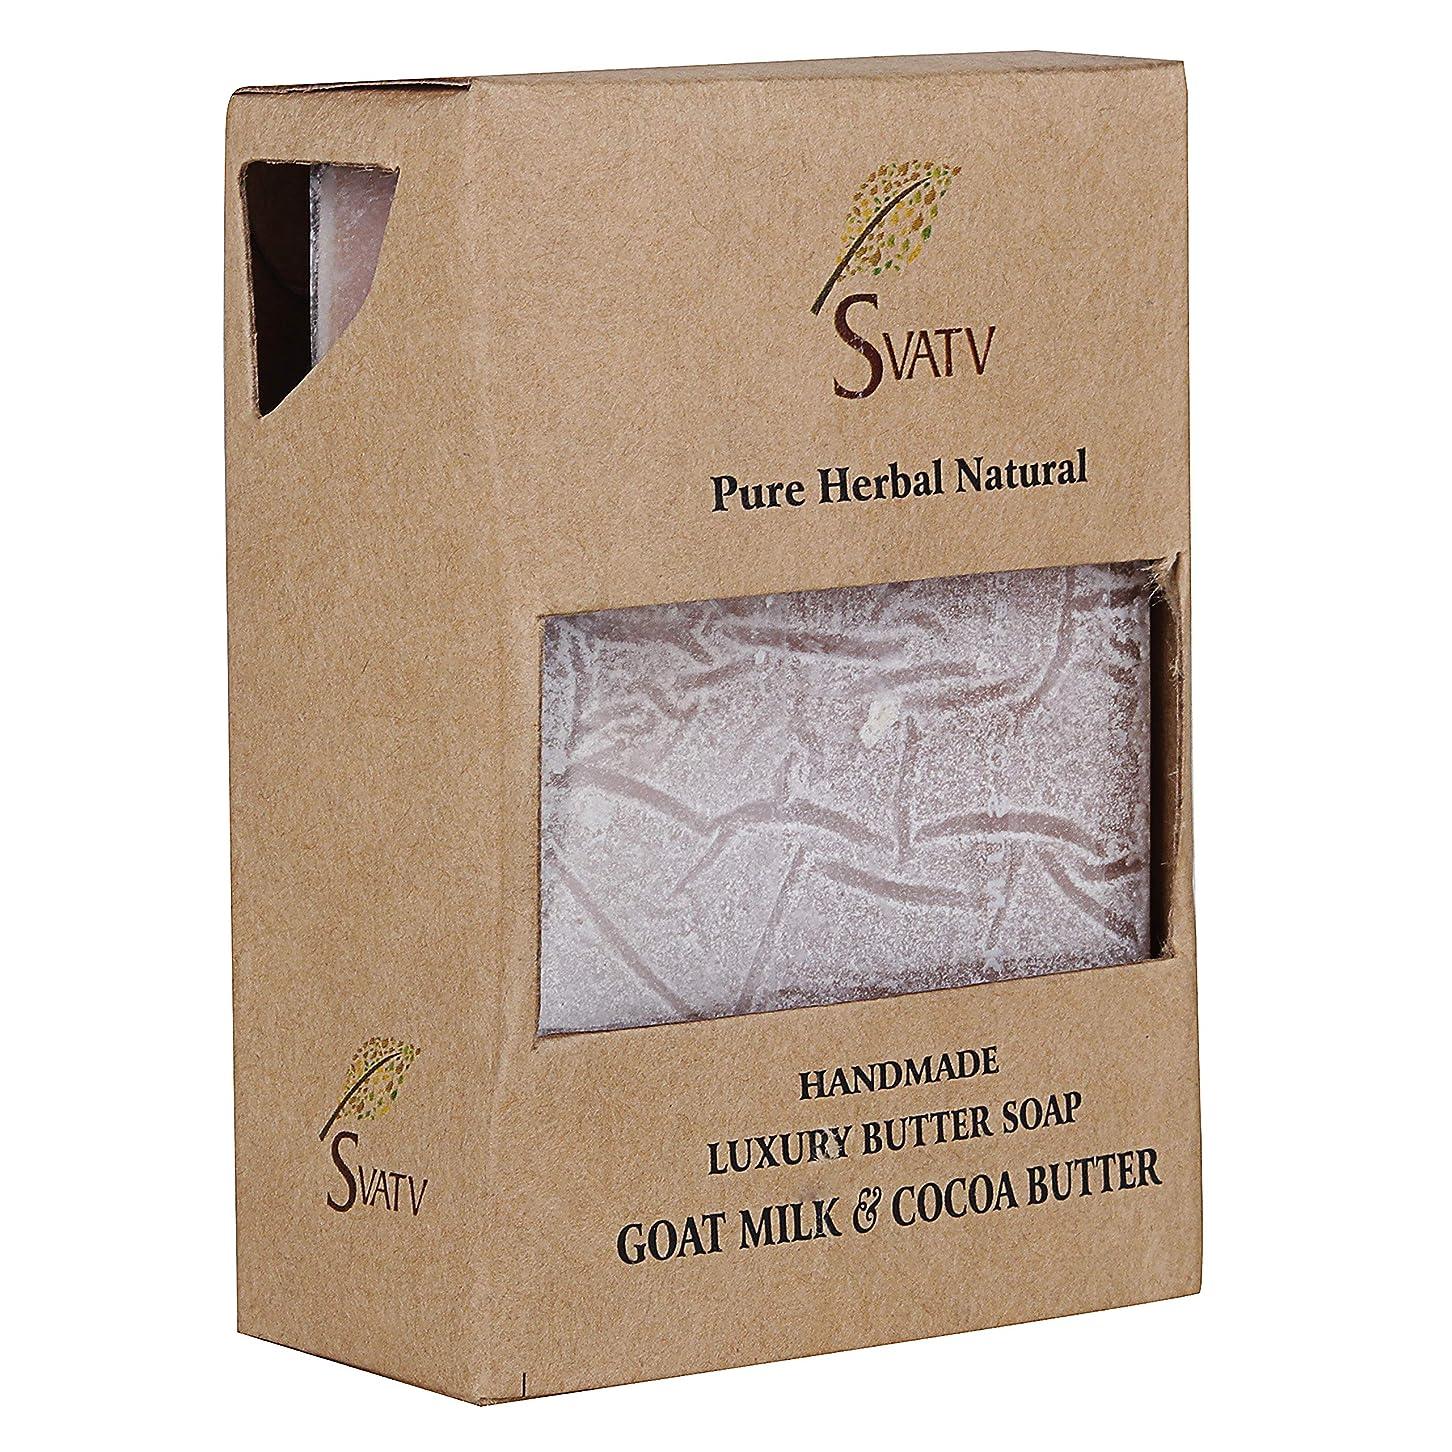 うれしい作曲する真空SVATV Handmade Luxury Butter Soap Goat Milk & Cocoa Butter For All Skin types 100g Bar